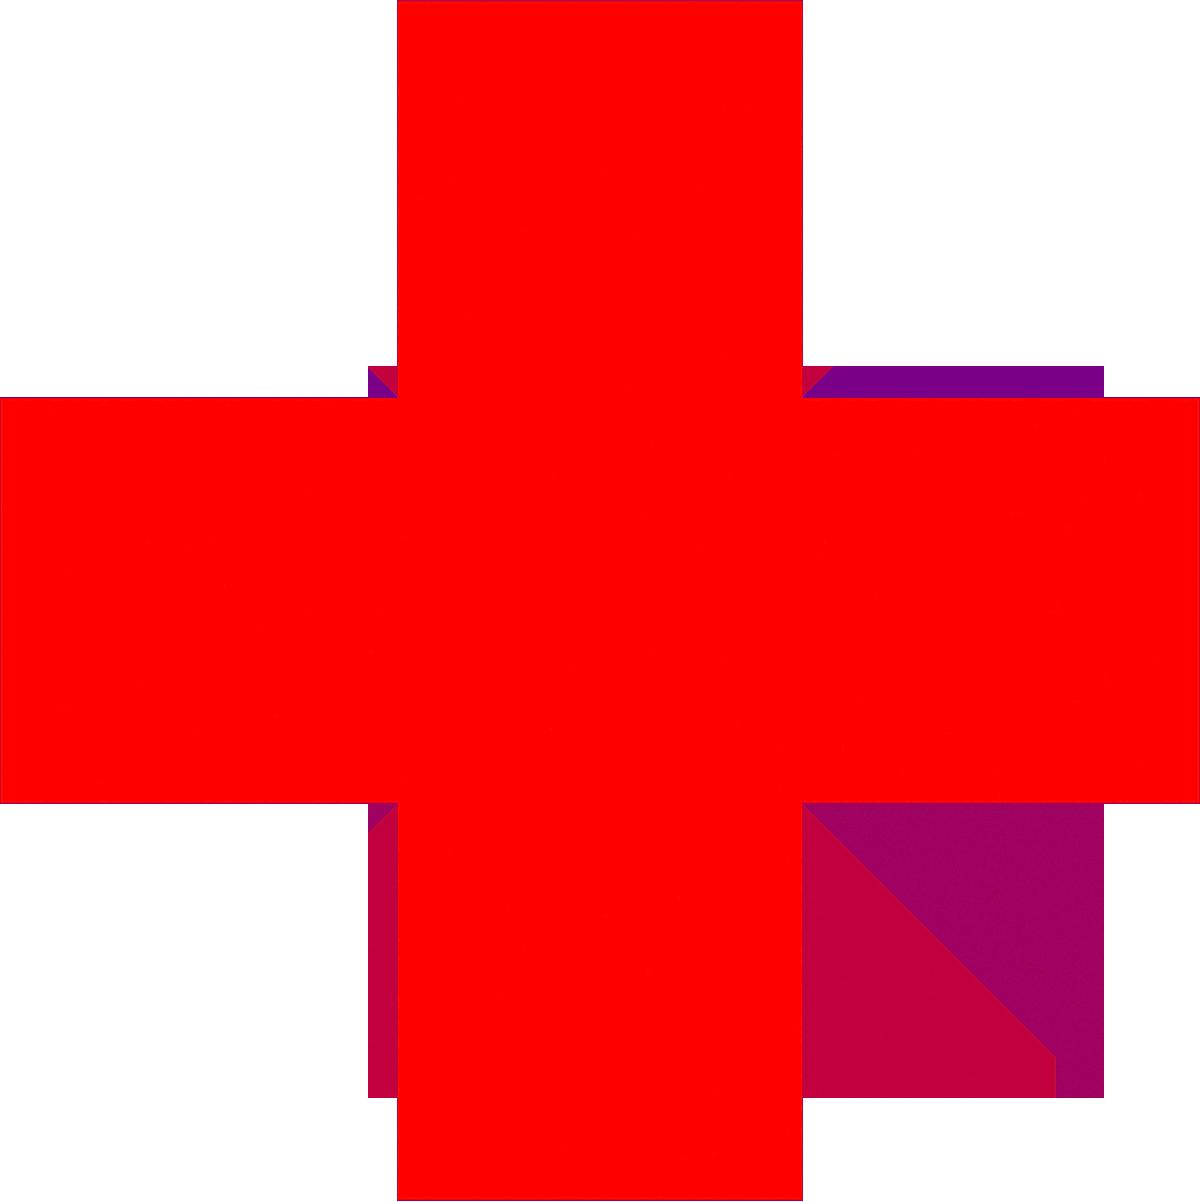 Красный крест в картинках, рождеством новым годом